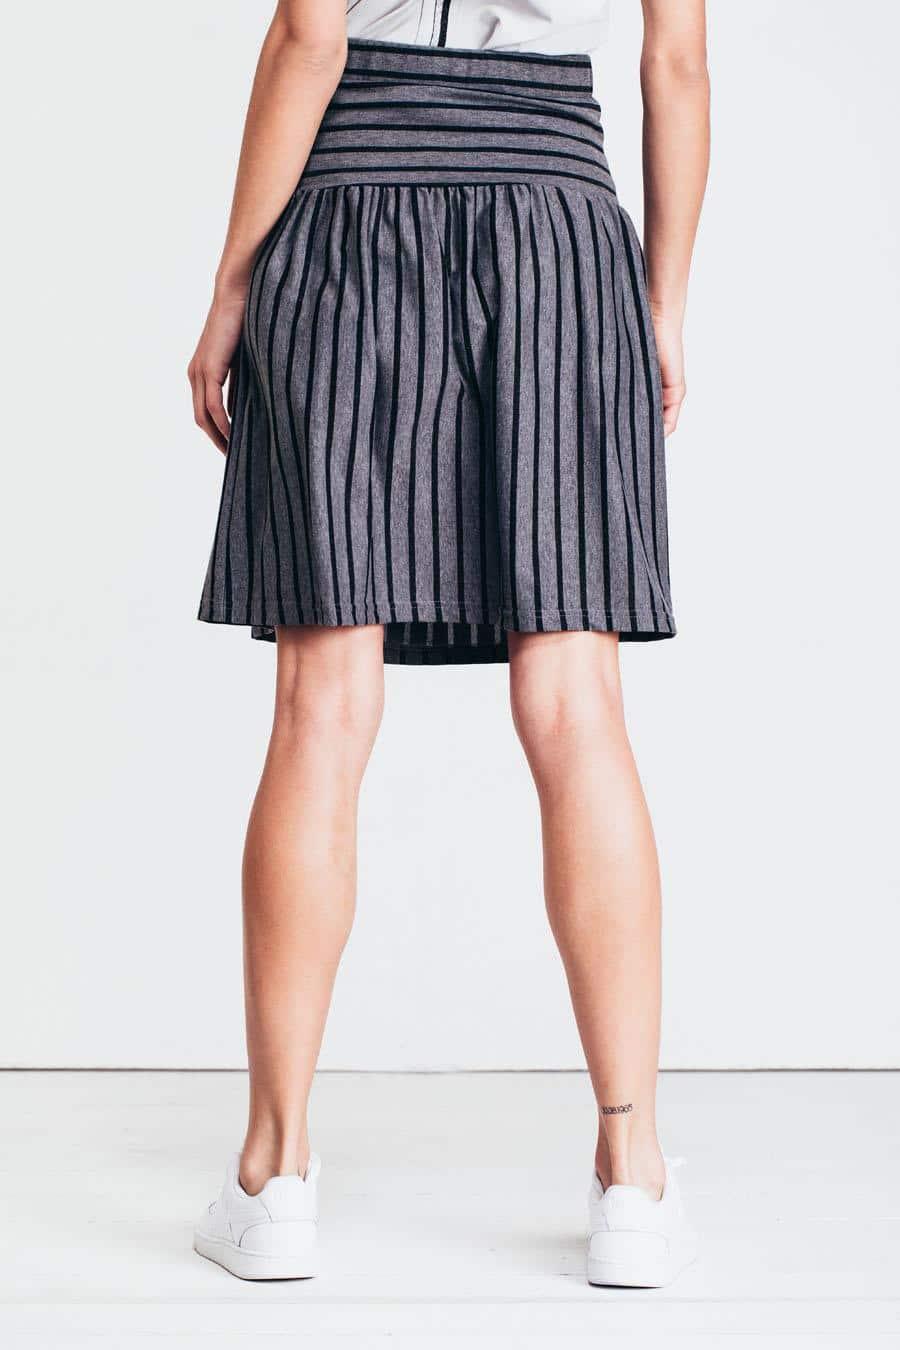 jagger zenska suknja kolekcija prolece leto 2021 ss 2021 kupi online jg 5512 19 4